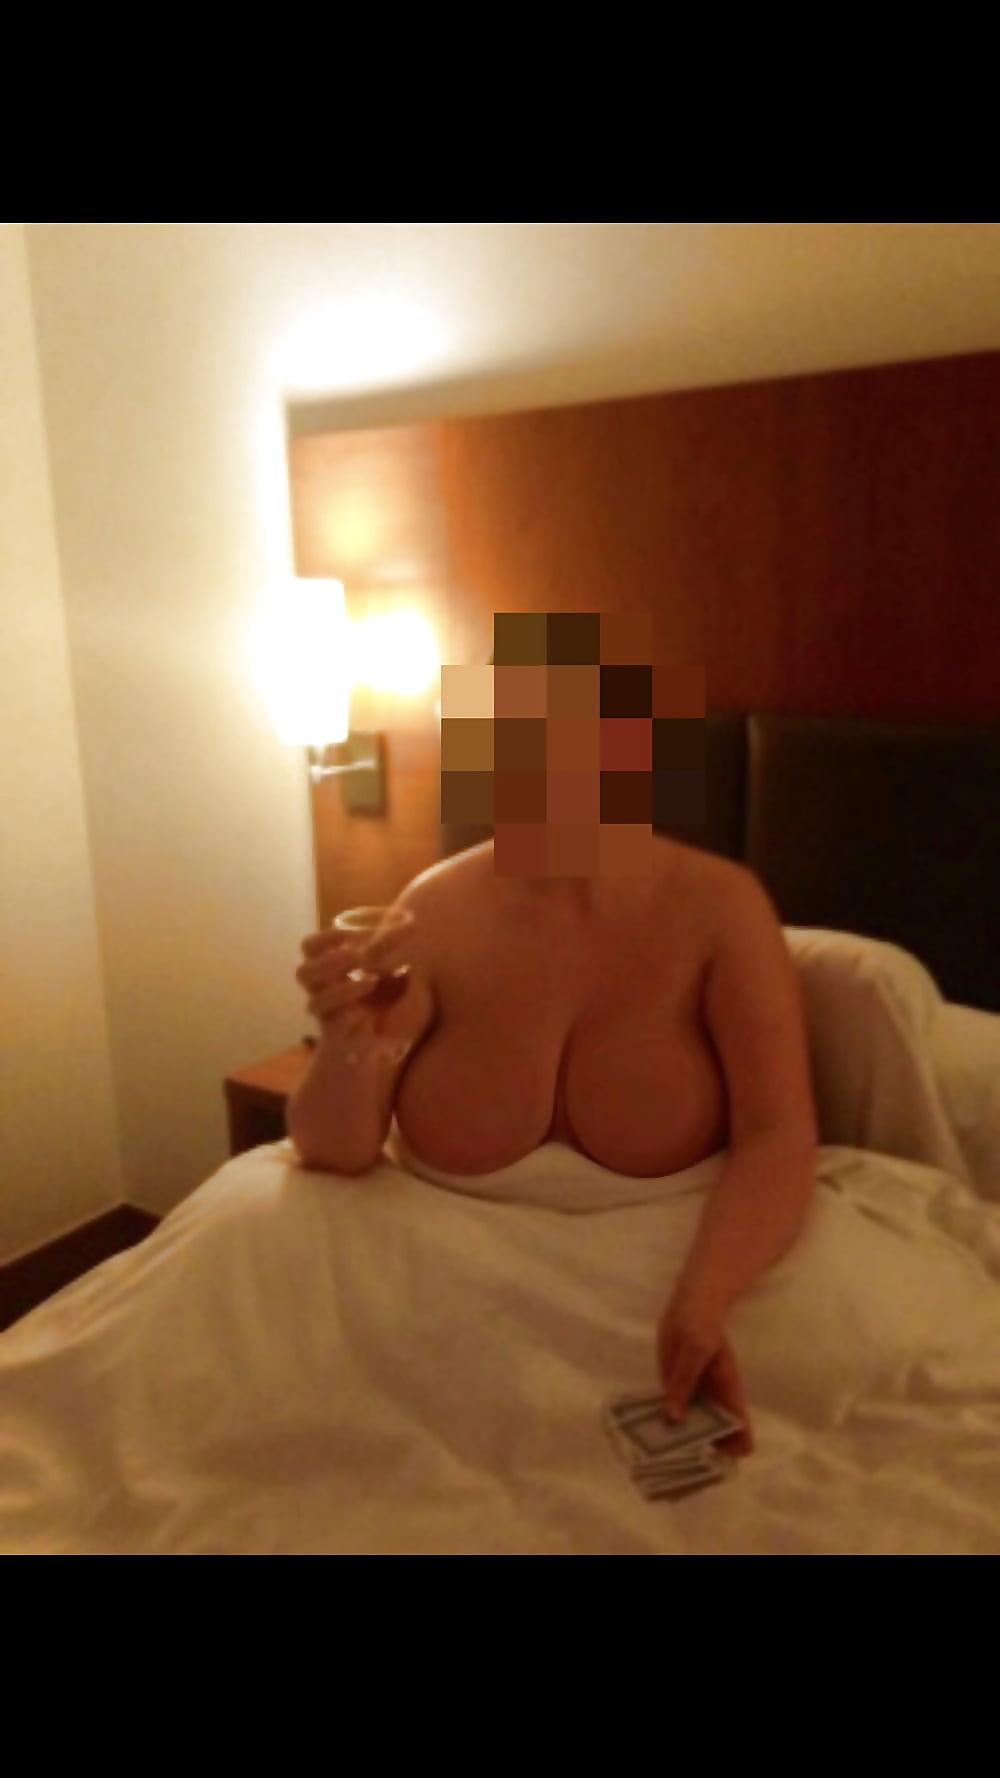 Hot naked tits pics-5749